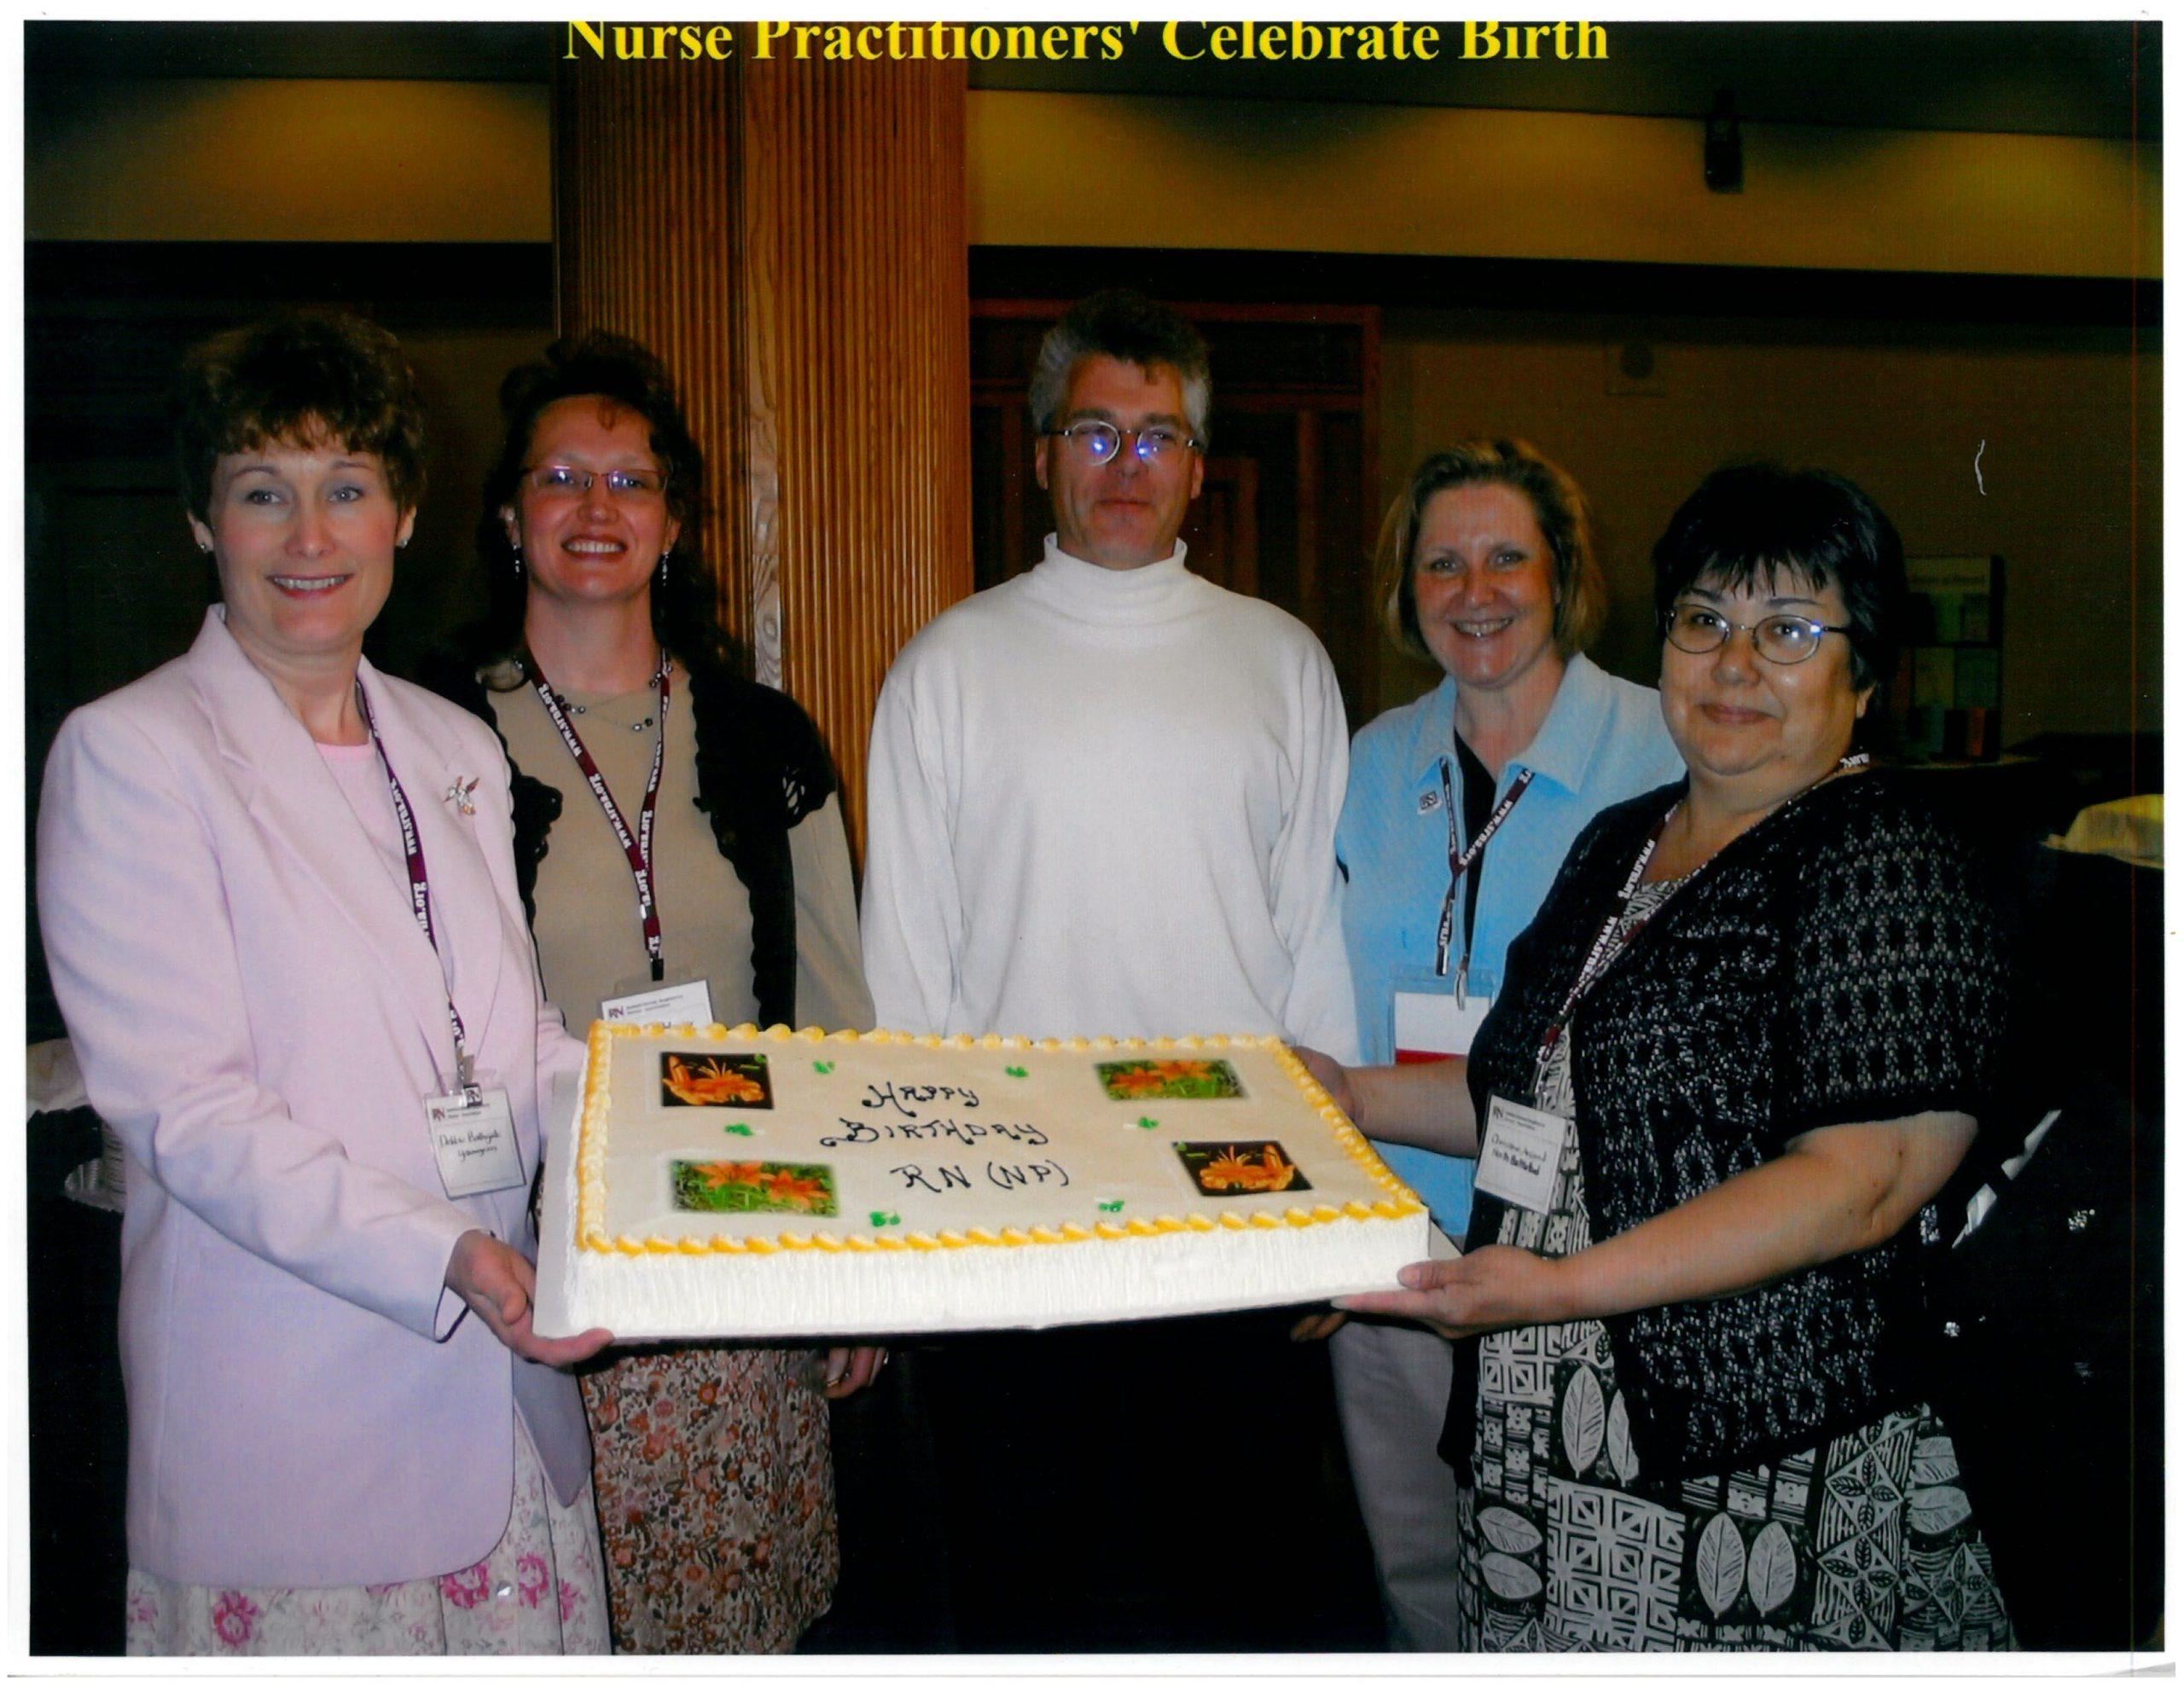 nurse practitioner, association, nursing, celebration